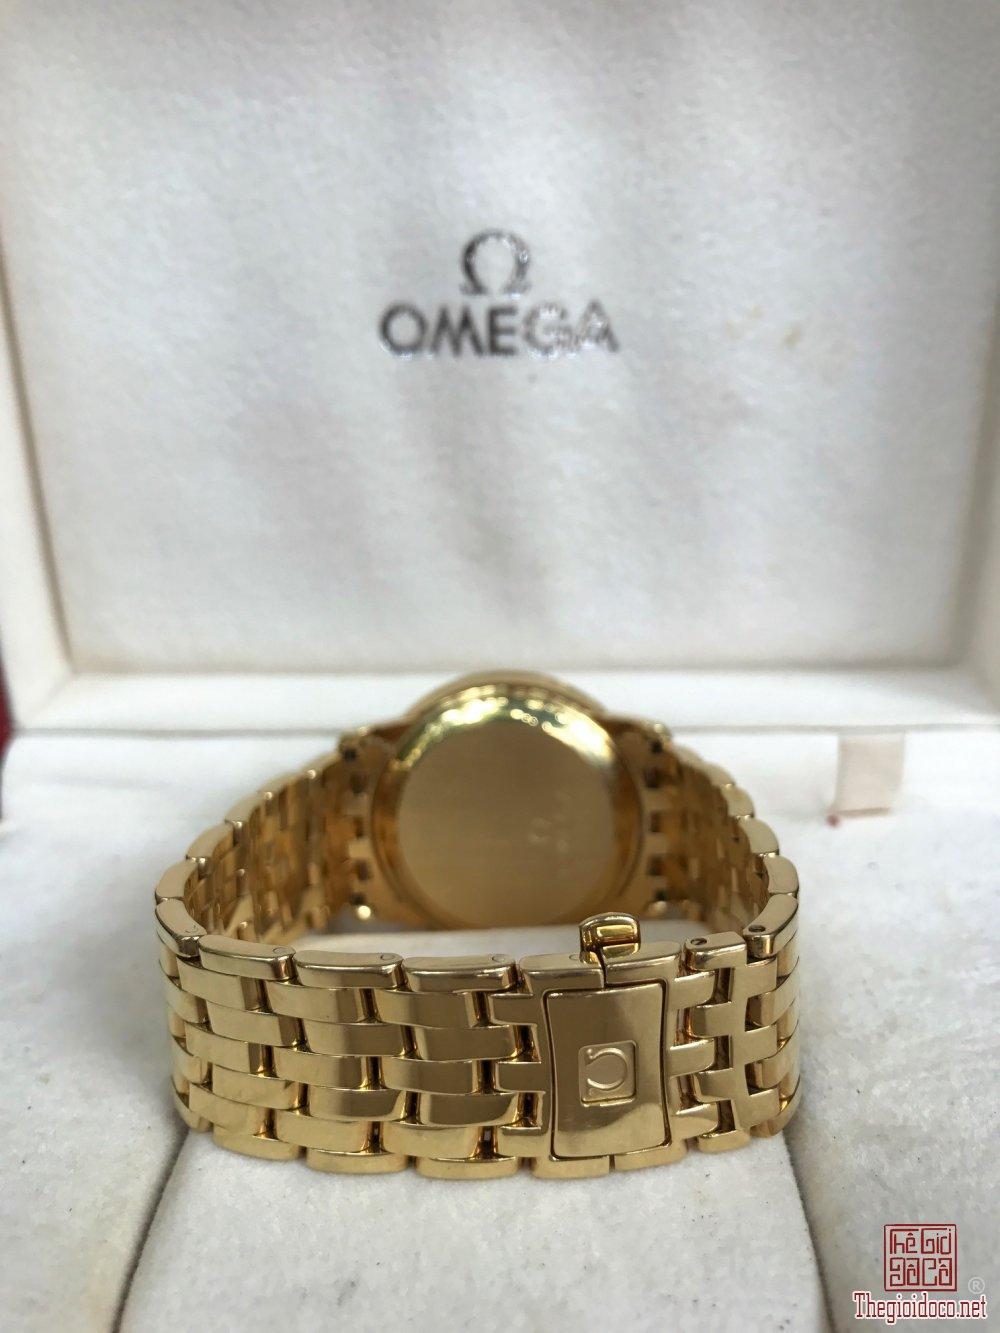 Omega-16.JPG